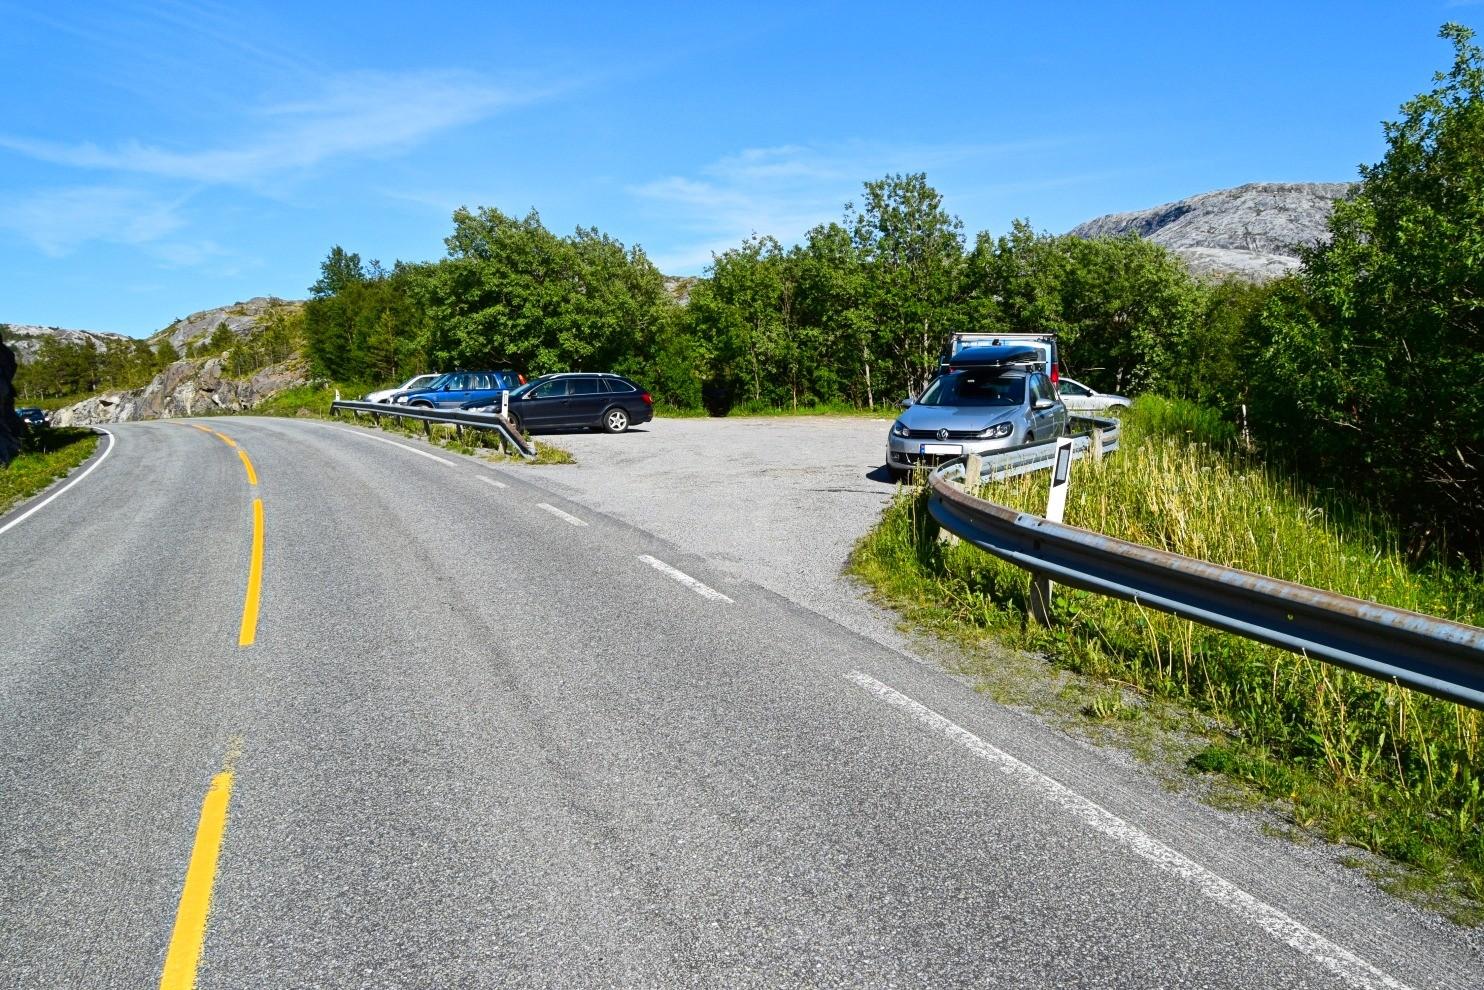 Startpunkt for turen til Øvre Åselivatnet